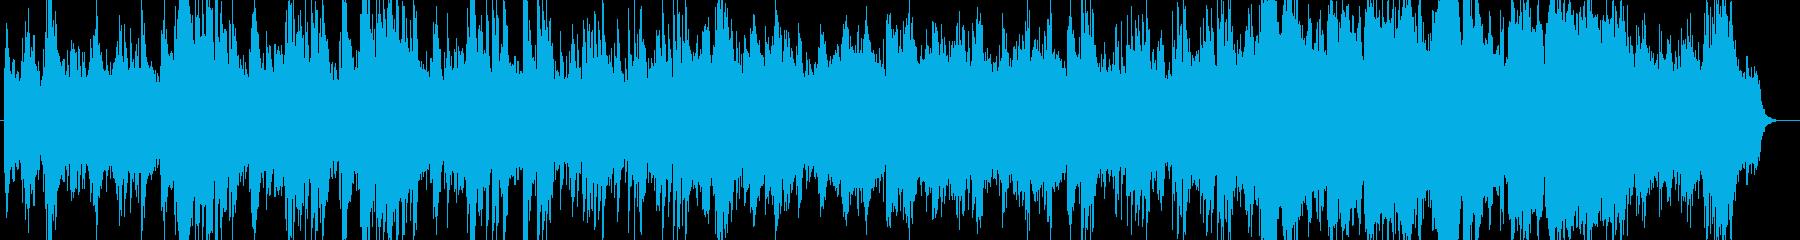 透明感のあるピアノシンセサウンドの再生済みの波形